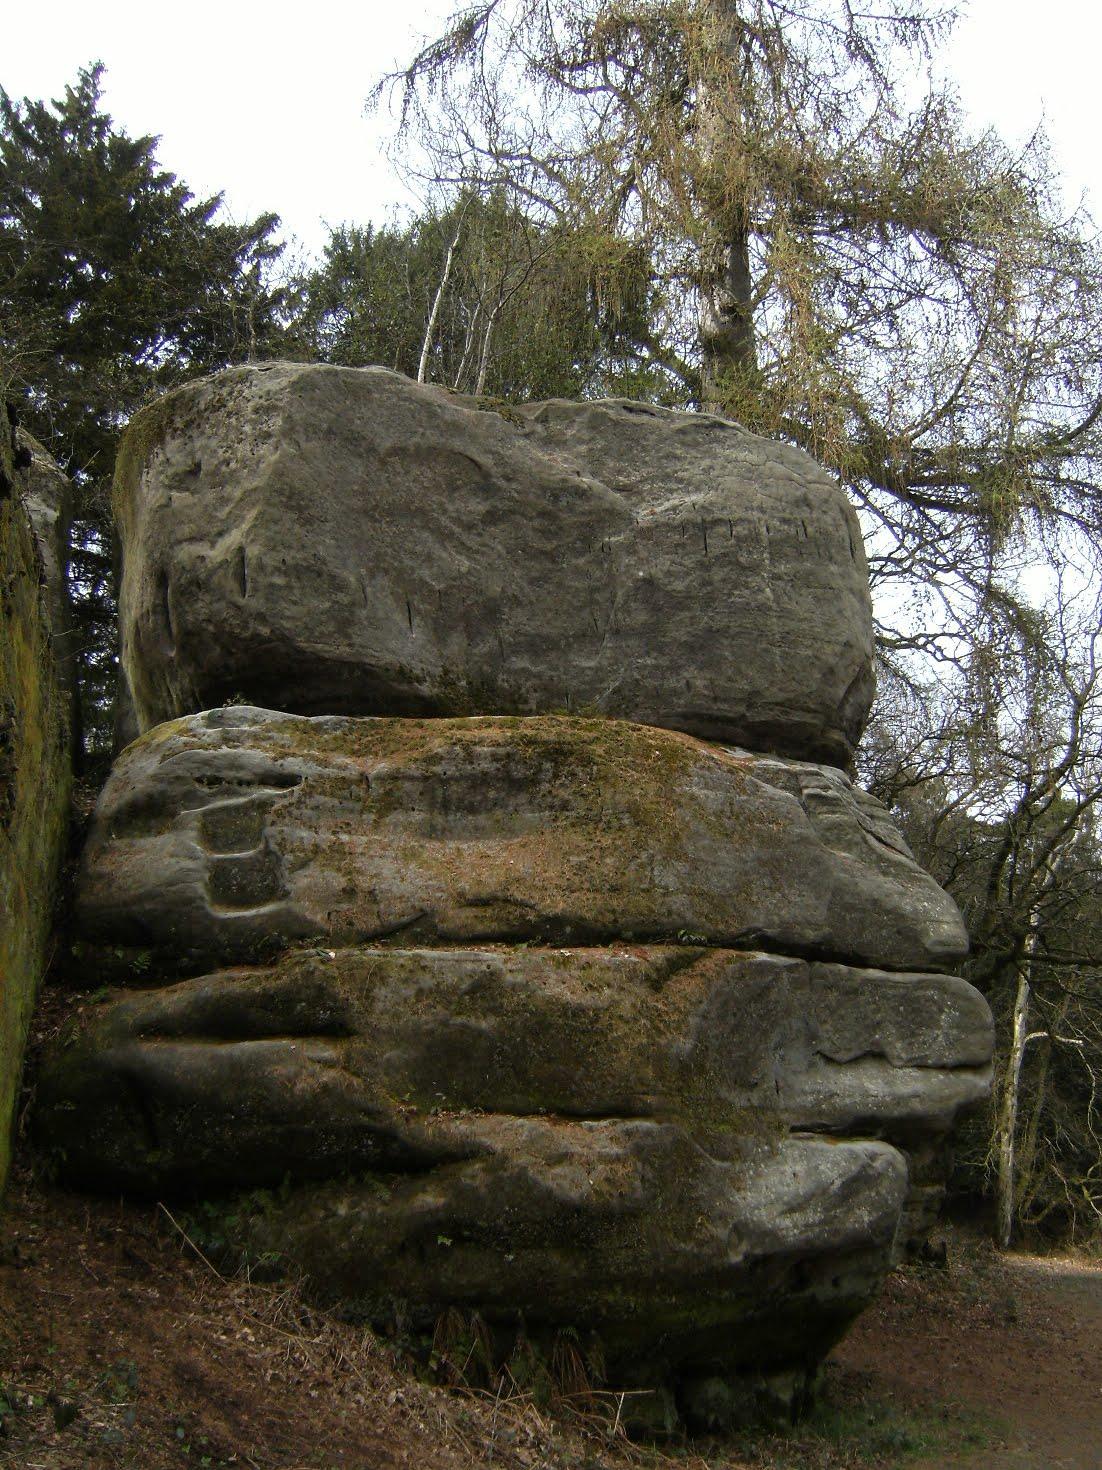 DSCF7081 Eridge Rocks